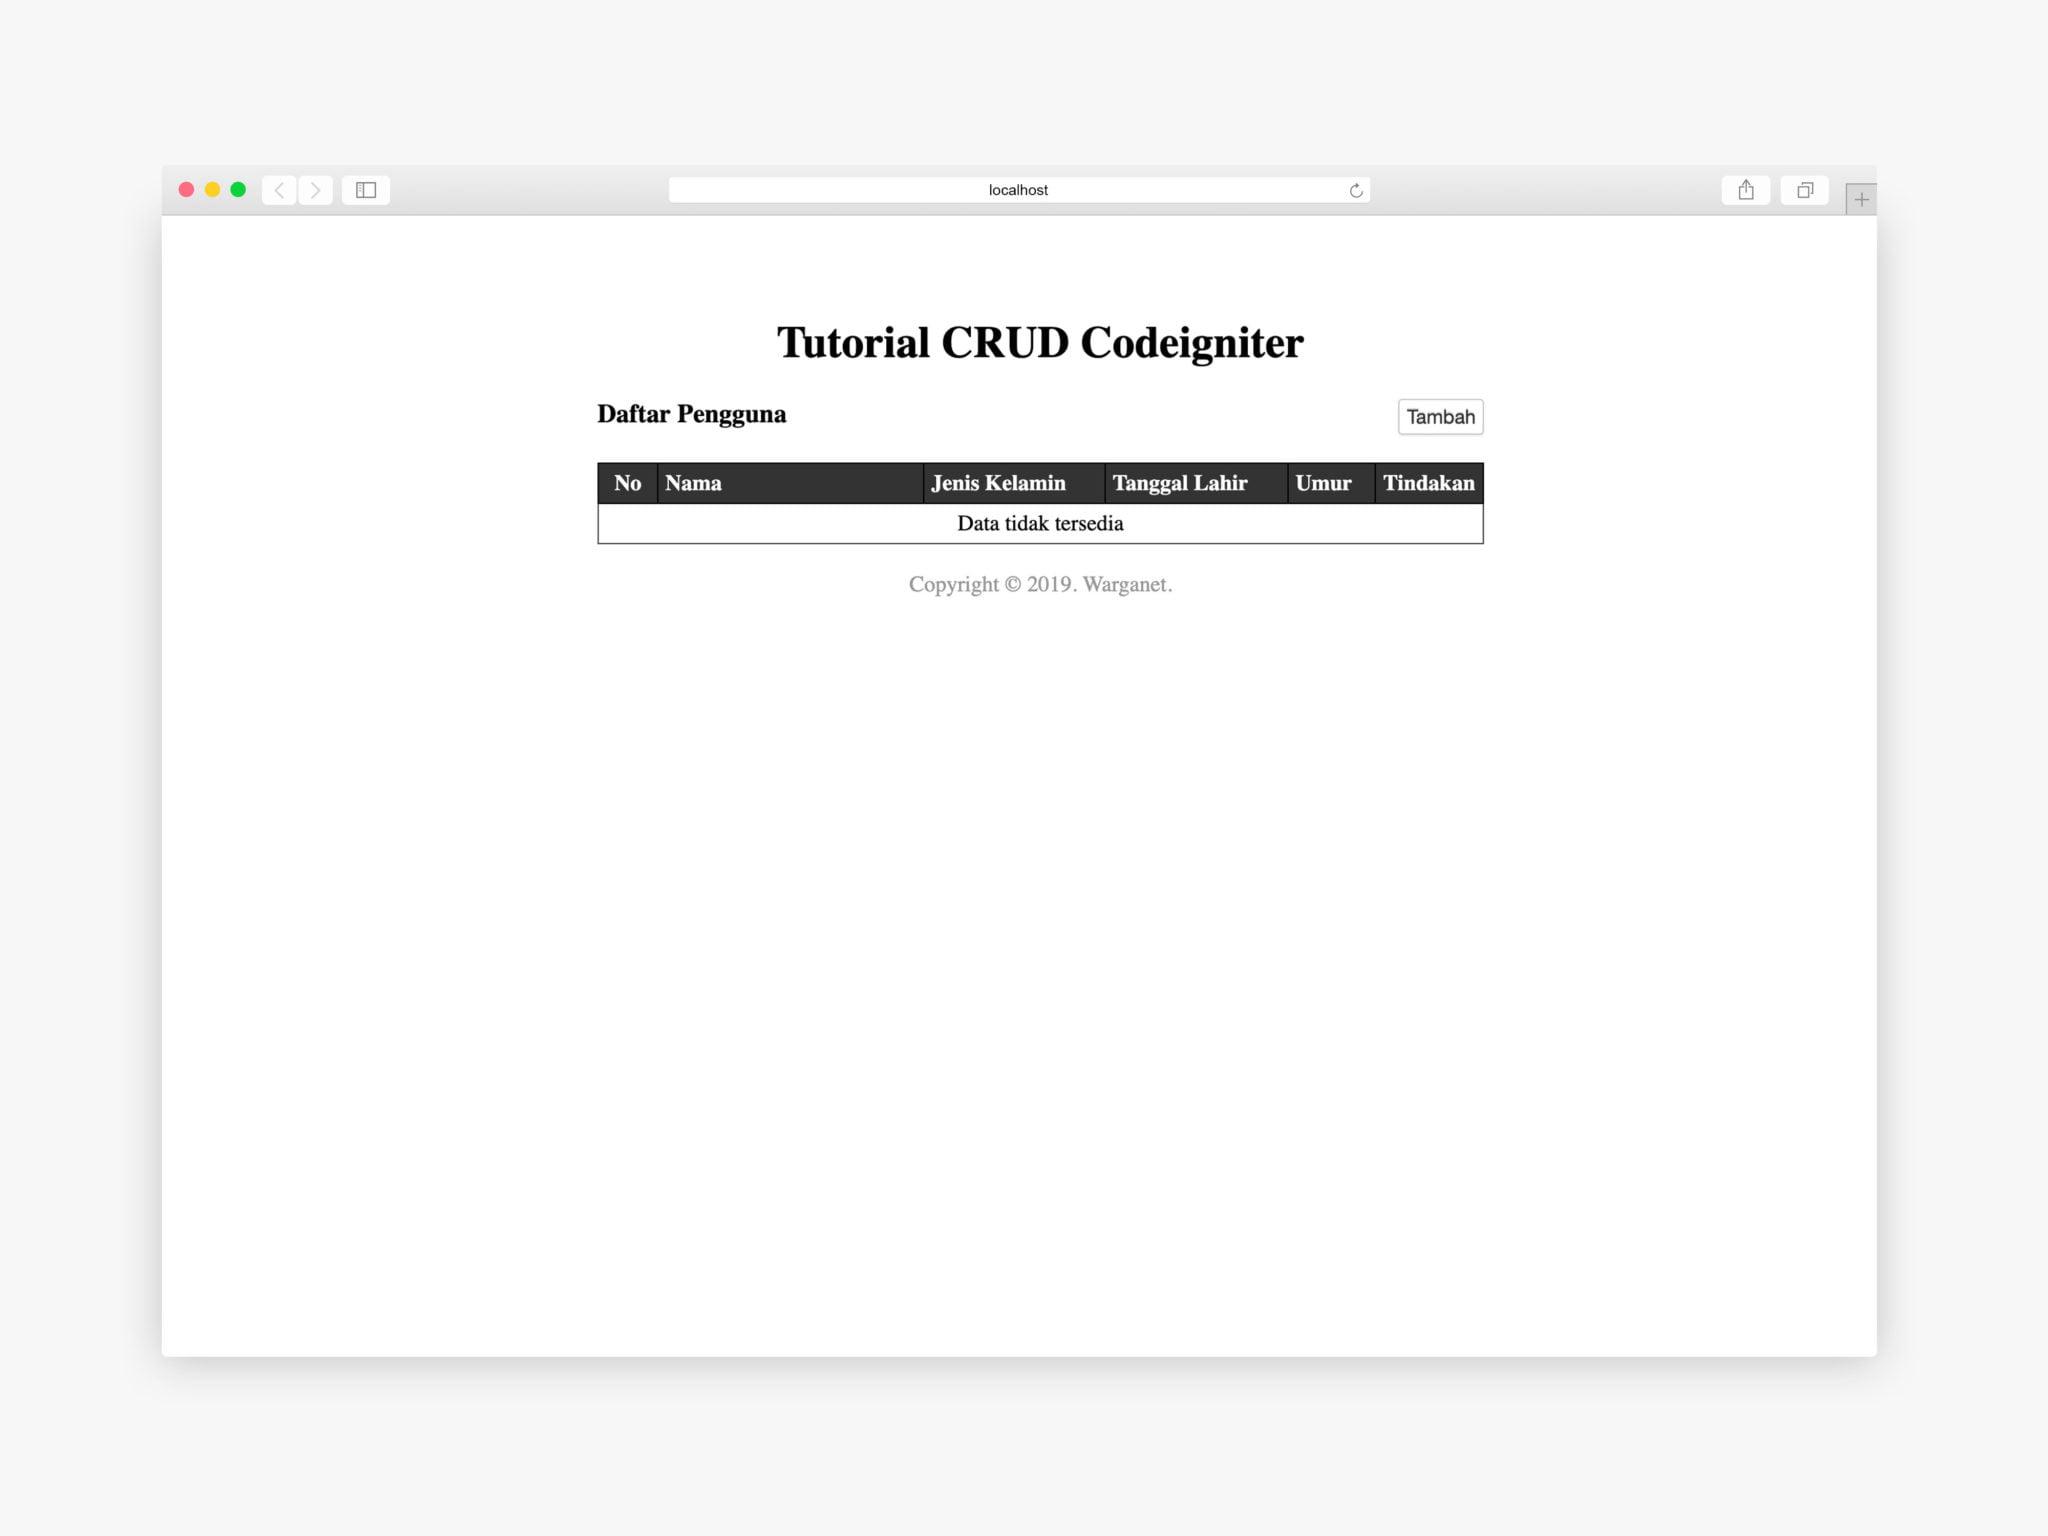 daftar pengguna codeigniter